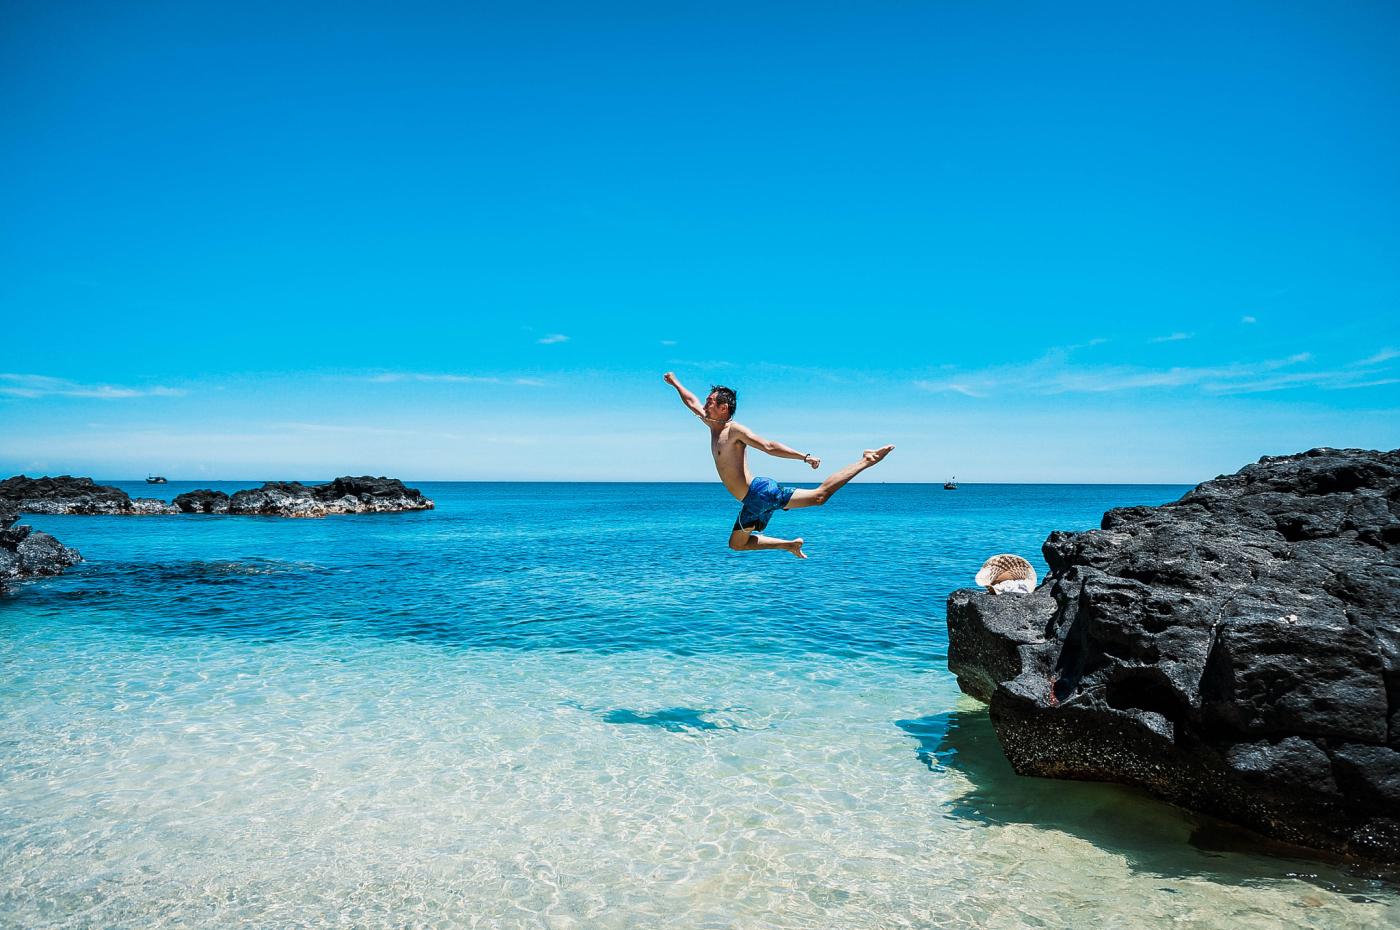 Danh sách các địa điểm du lịch Quãng Ngãi hot nhất hiện nay